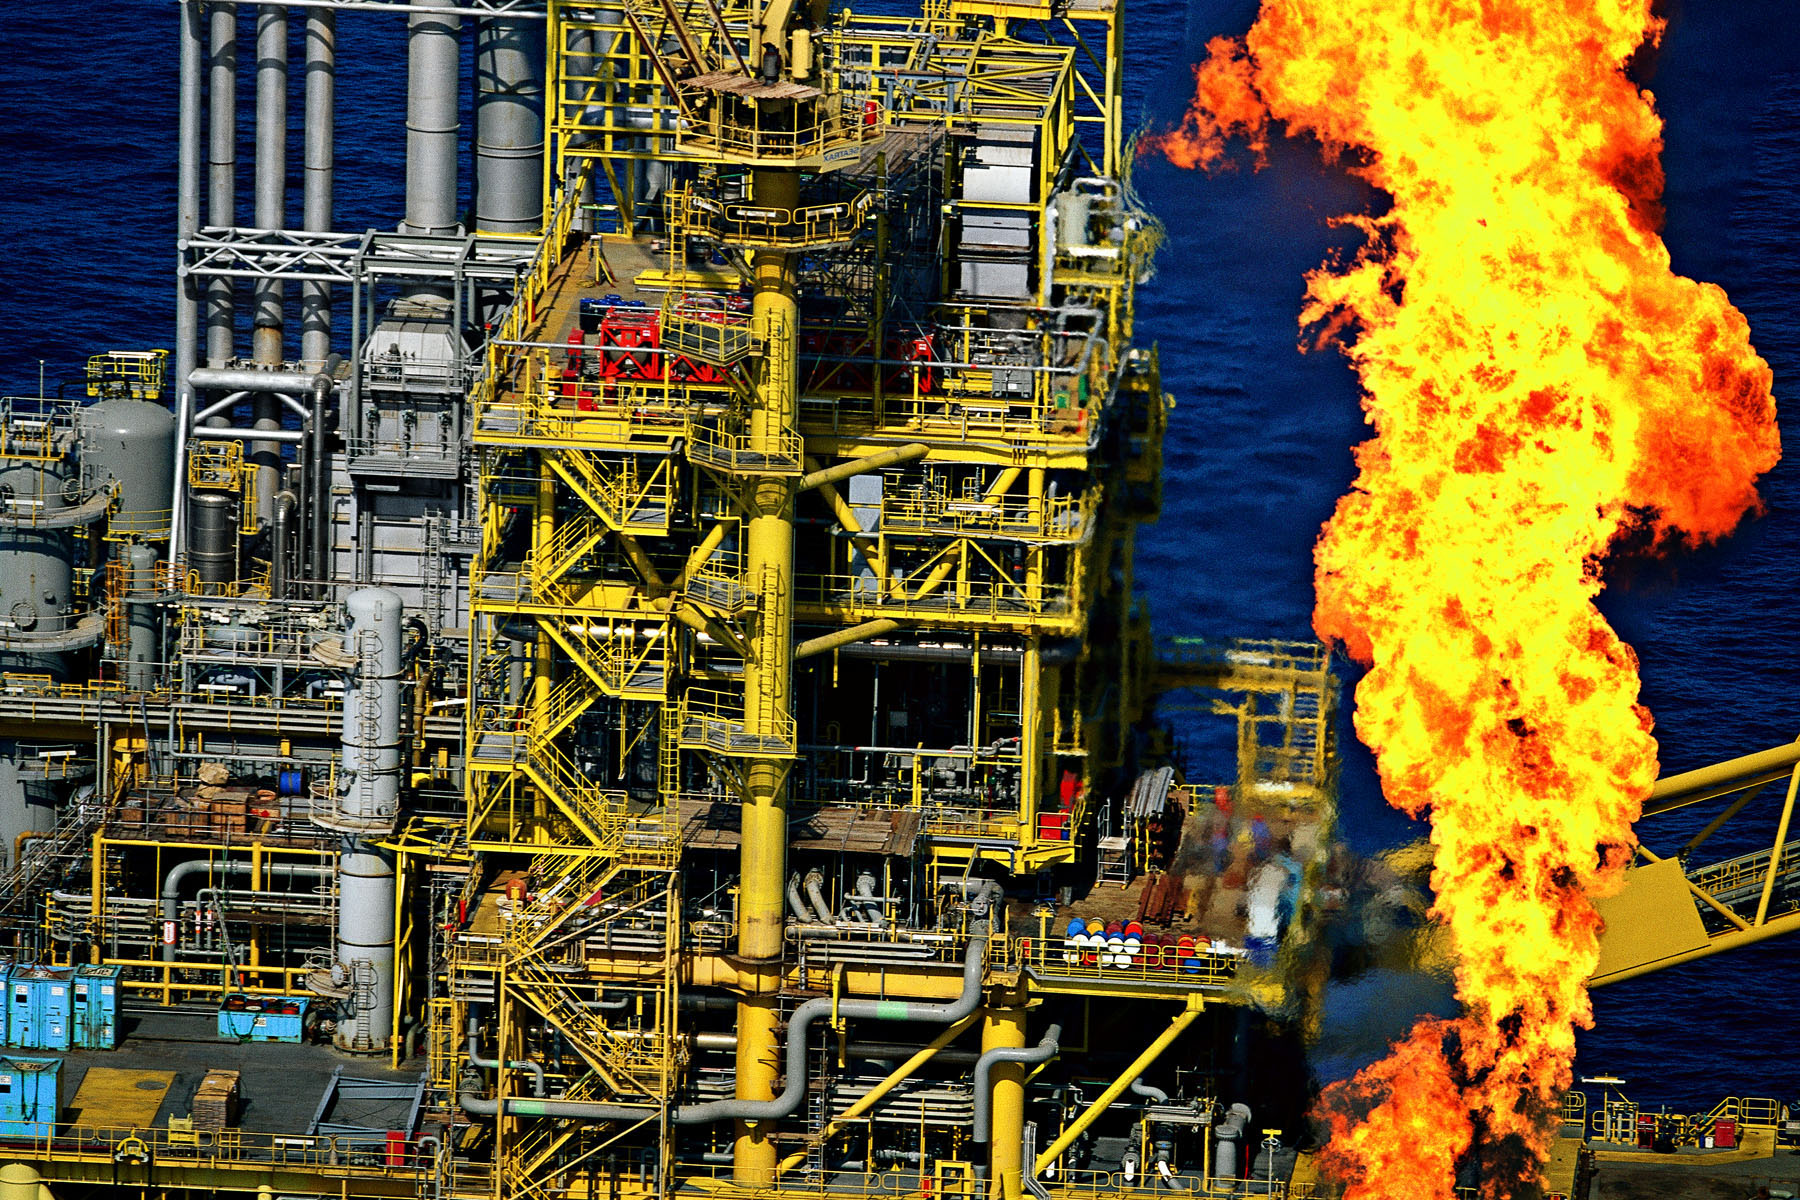 Plateforme pétrolière Al-Shaheen Ad, Qatar (25° 30' N - 51° 30' E). Le torchage consiste à bruler les gaz naturels d'un gisement de pétrole, car leur exploitation n'est pas rentable. Chaque année, les torchère sont responsables du gaspillage de 150 milliards de m3 de gaz, ce qui équivaut à 390 millions de tonnes de gaz à effet de serre, ou encore à 2% du total mondial des émissions de gaz à effet de serre émis. © Yann Arthus Bertrand/Altitude.